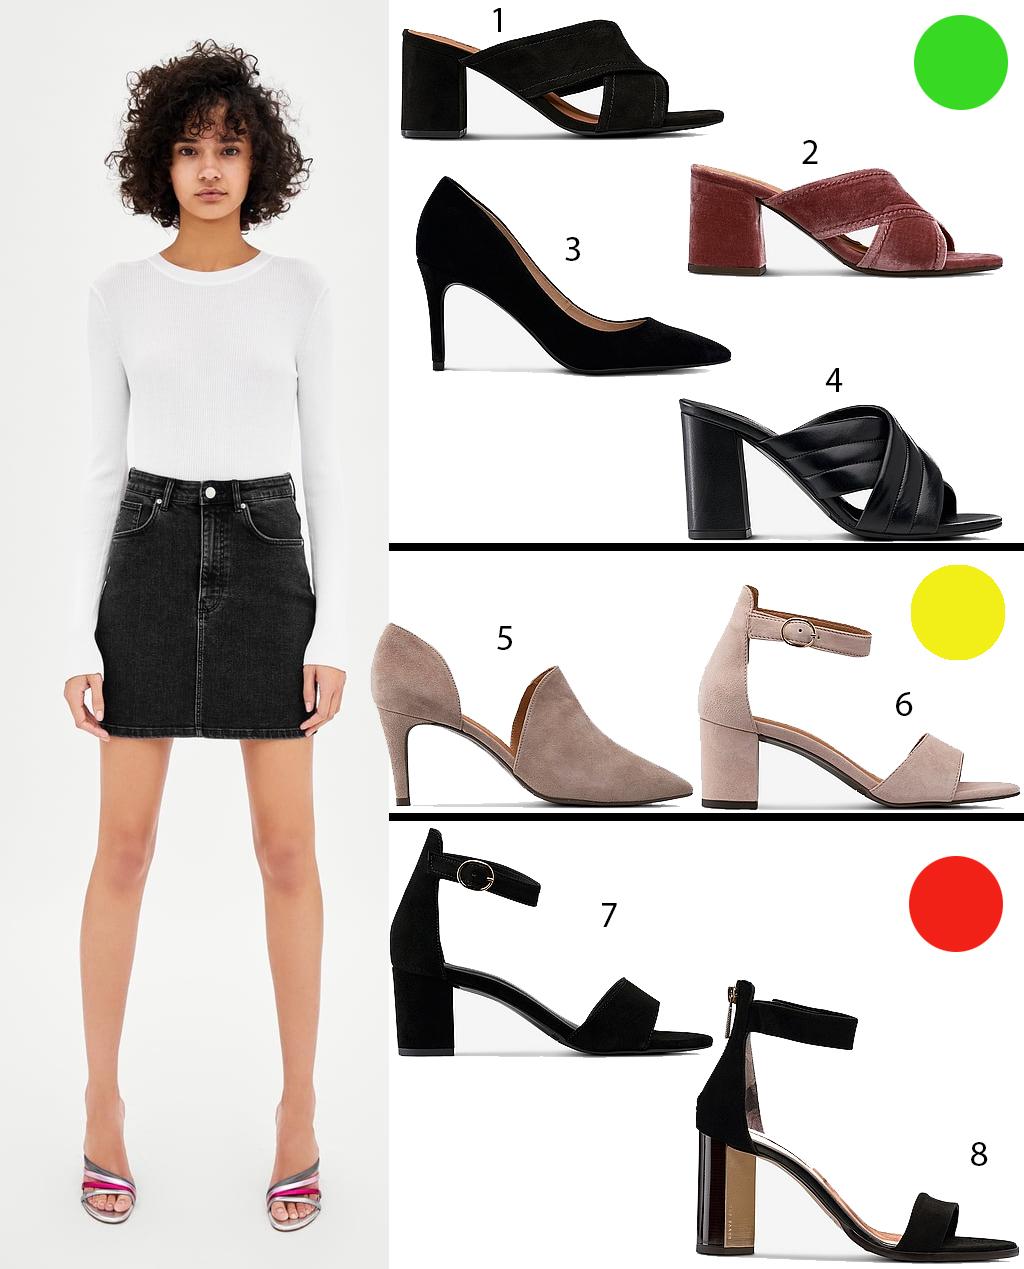 förläng benen med rätt skor